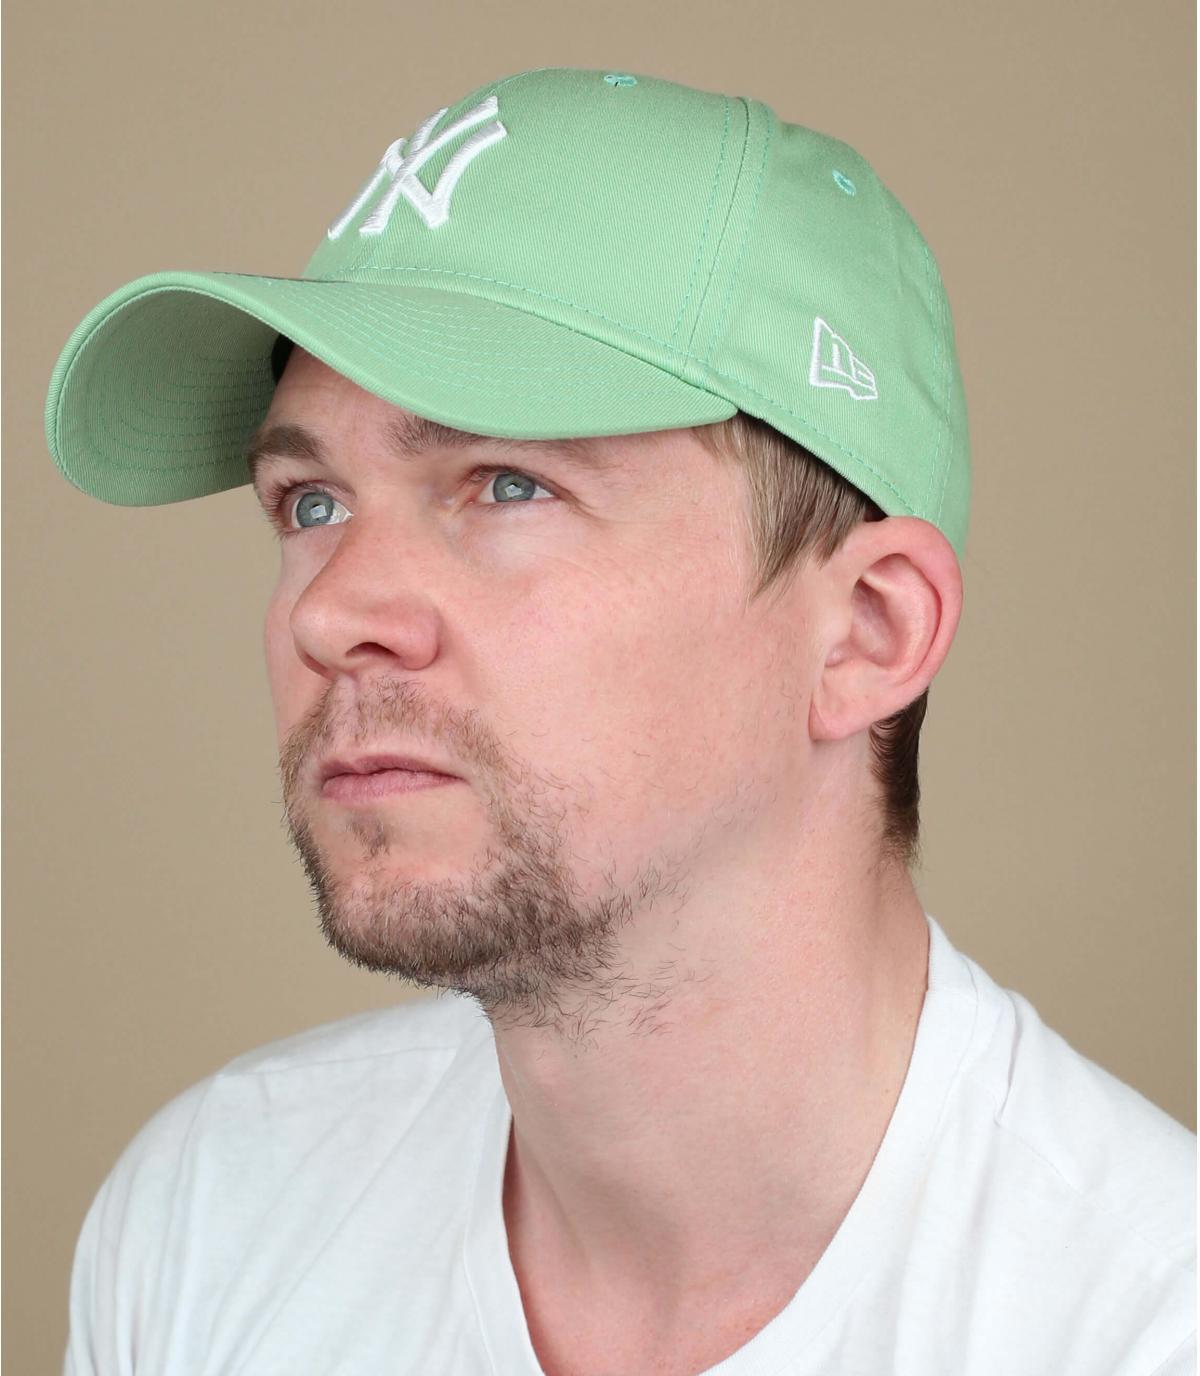 Cappellino bianco verde NY